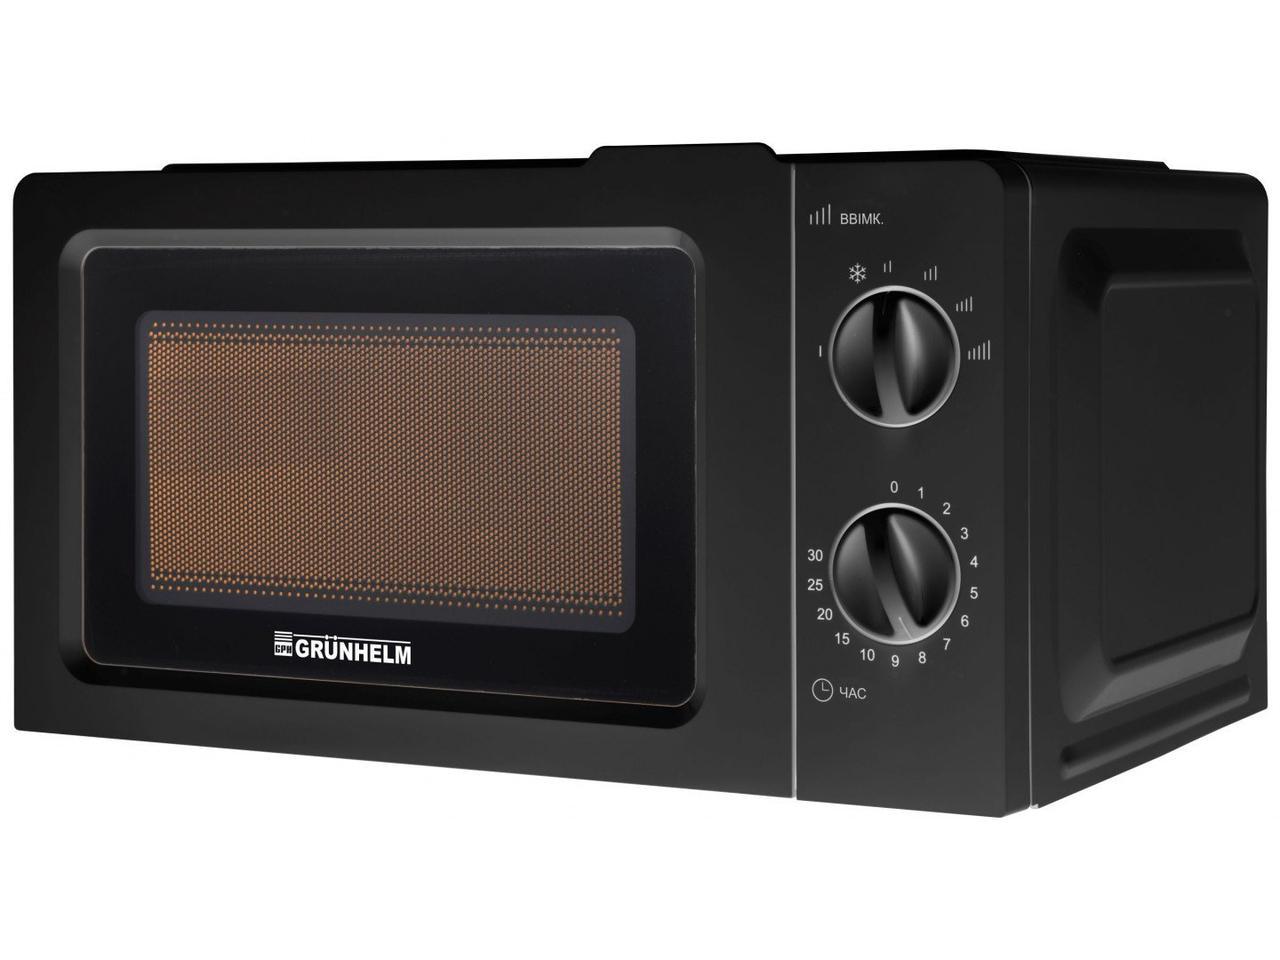 Микроволновая печь Grunhelm 20MX701 мощность 800 Вт